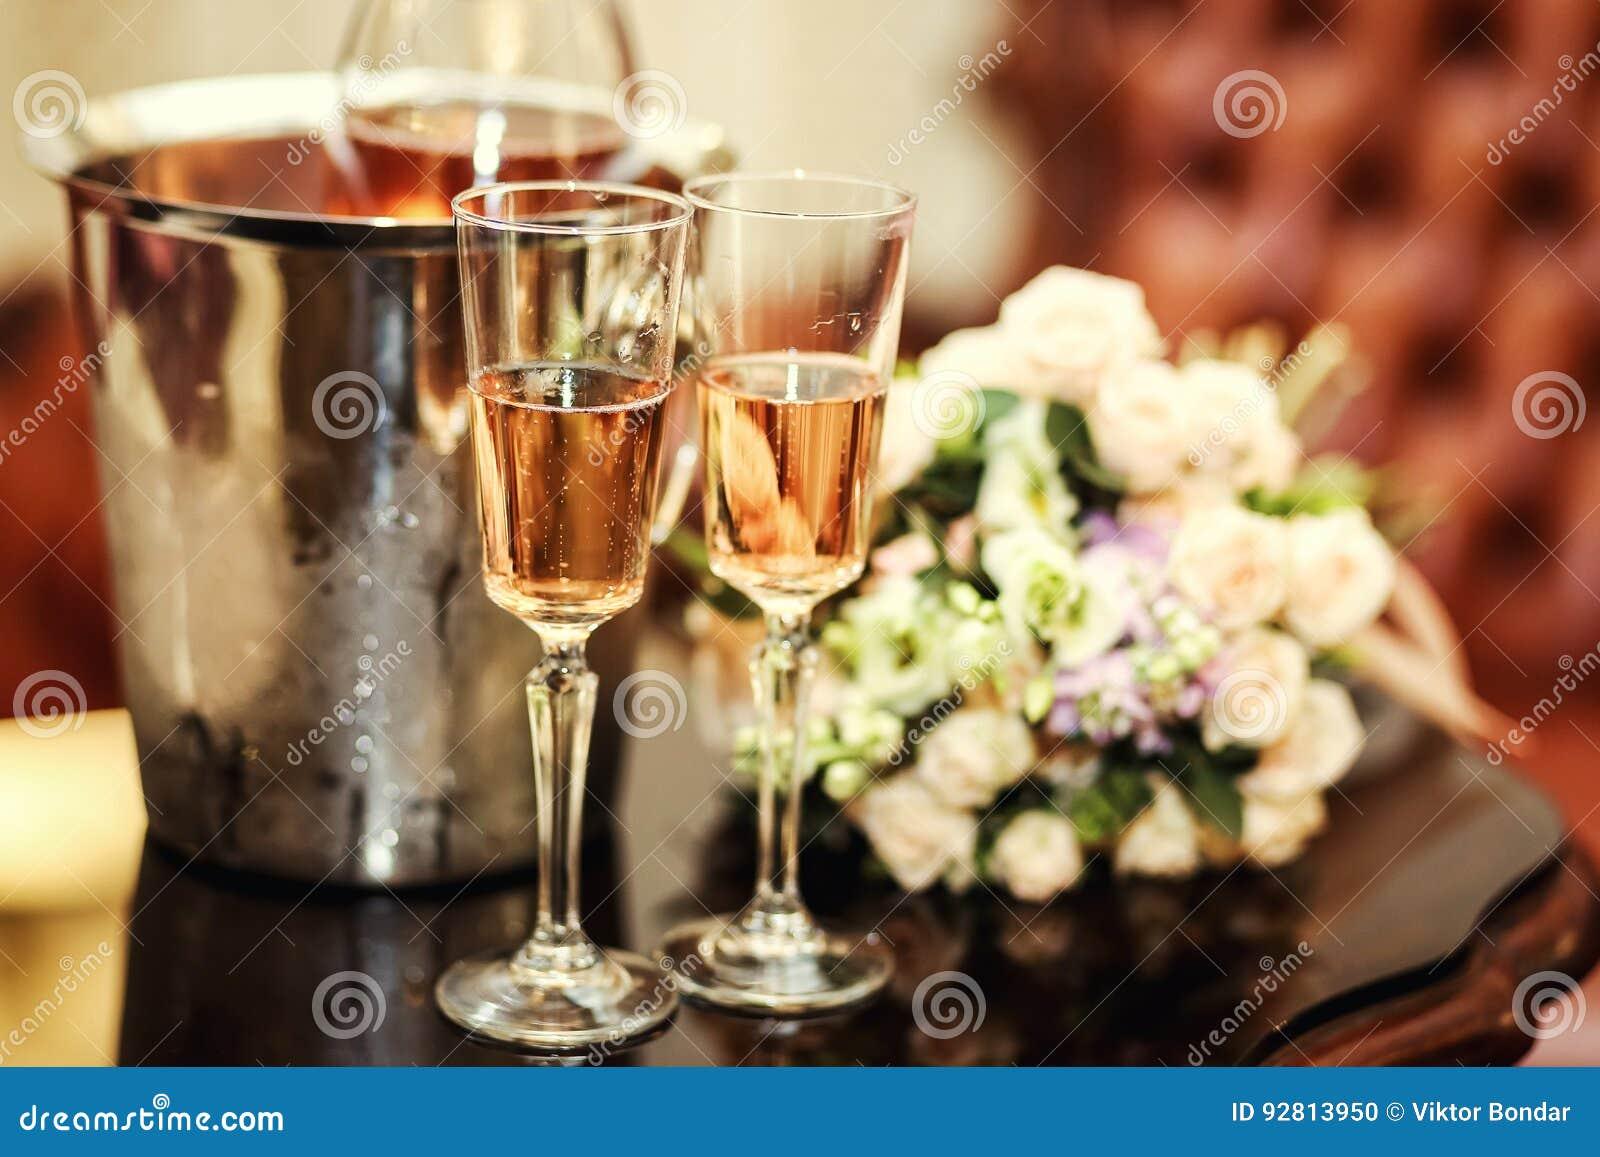 La decorazione di nozze con due vetri di champagne su cerimonia, wed